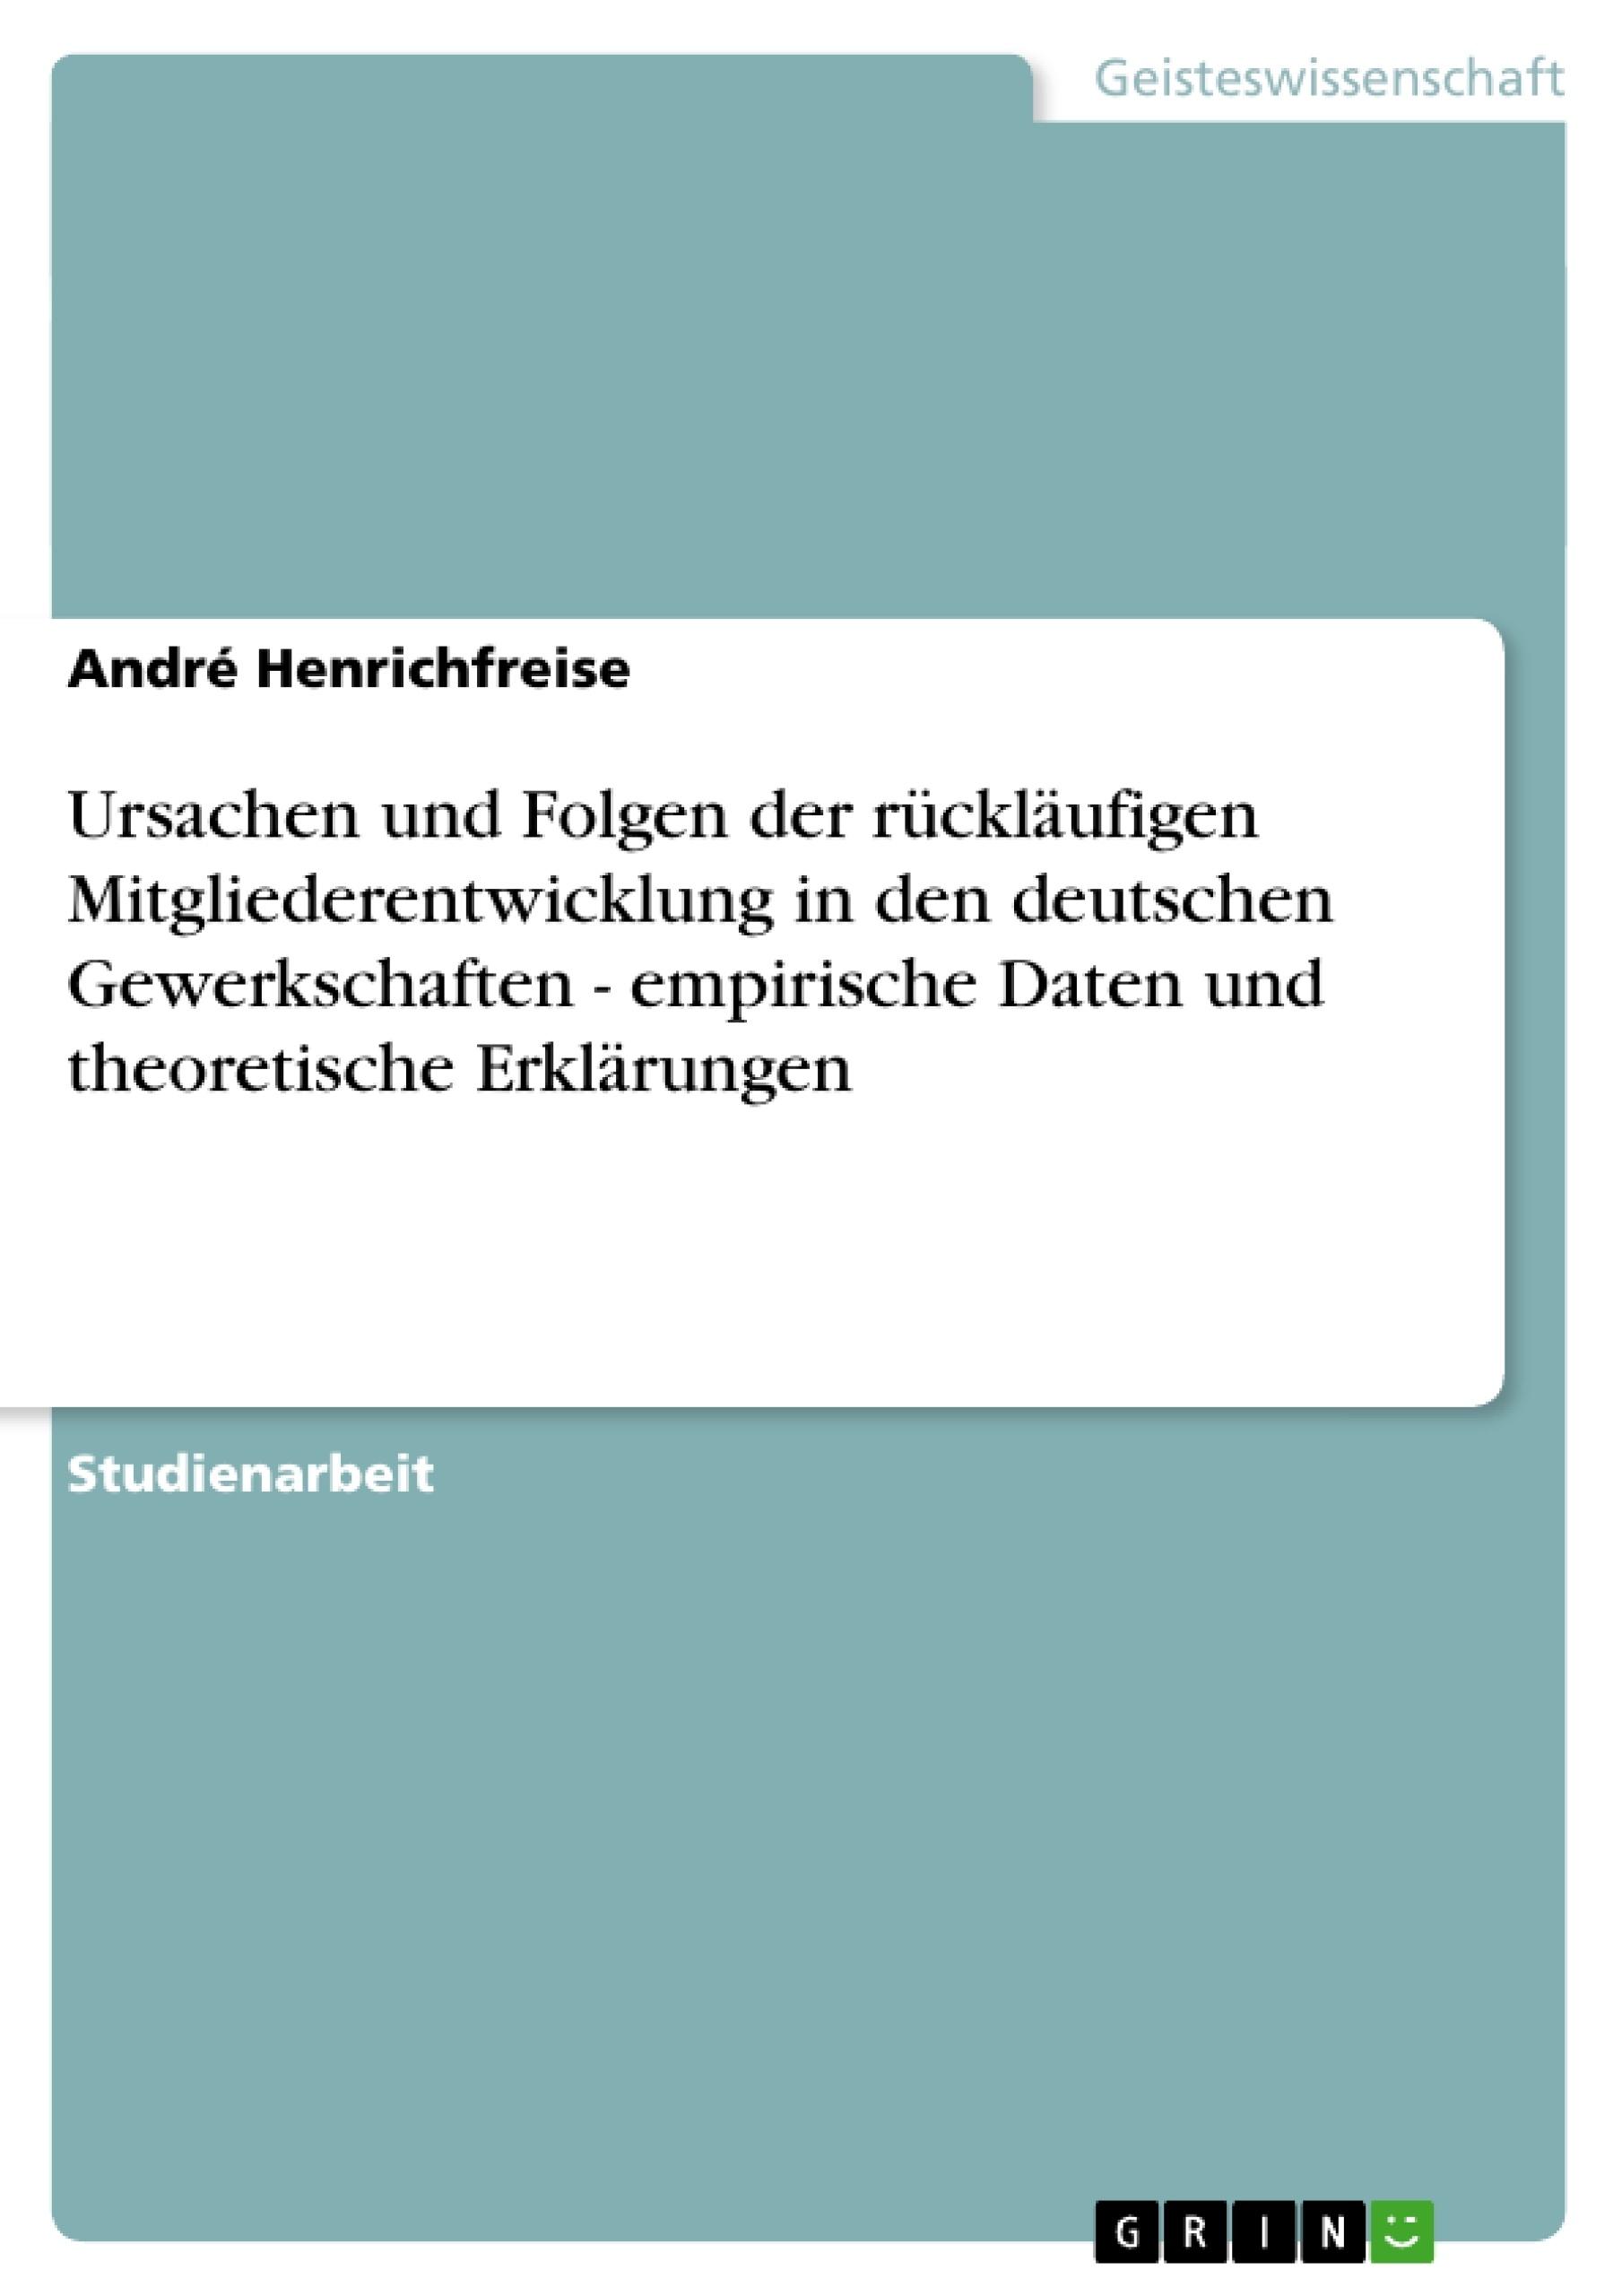 Titel: Ursachen und Folgen der rückläufigen Mitgliederentwicklung in den deutschen Gewerkschaften - empirische Daten und theoretische Erklärungen